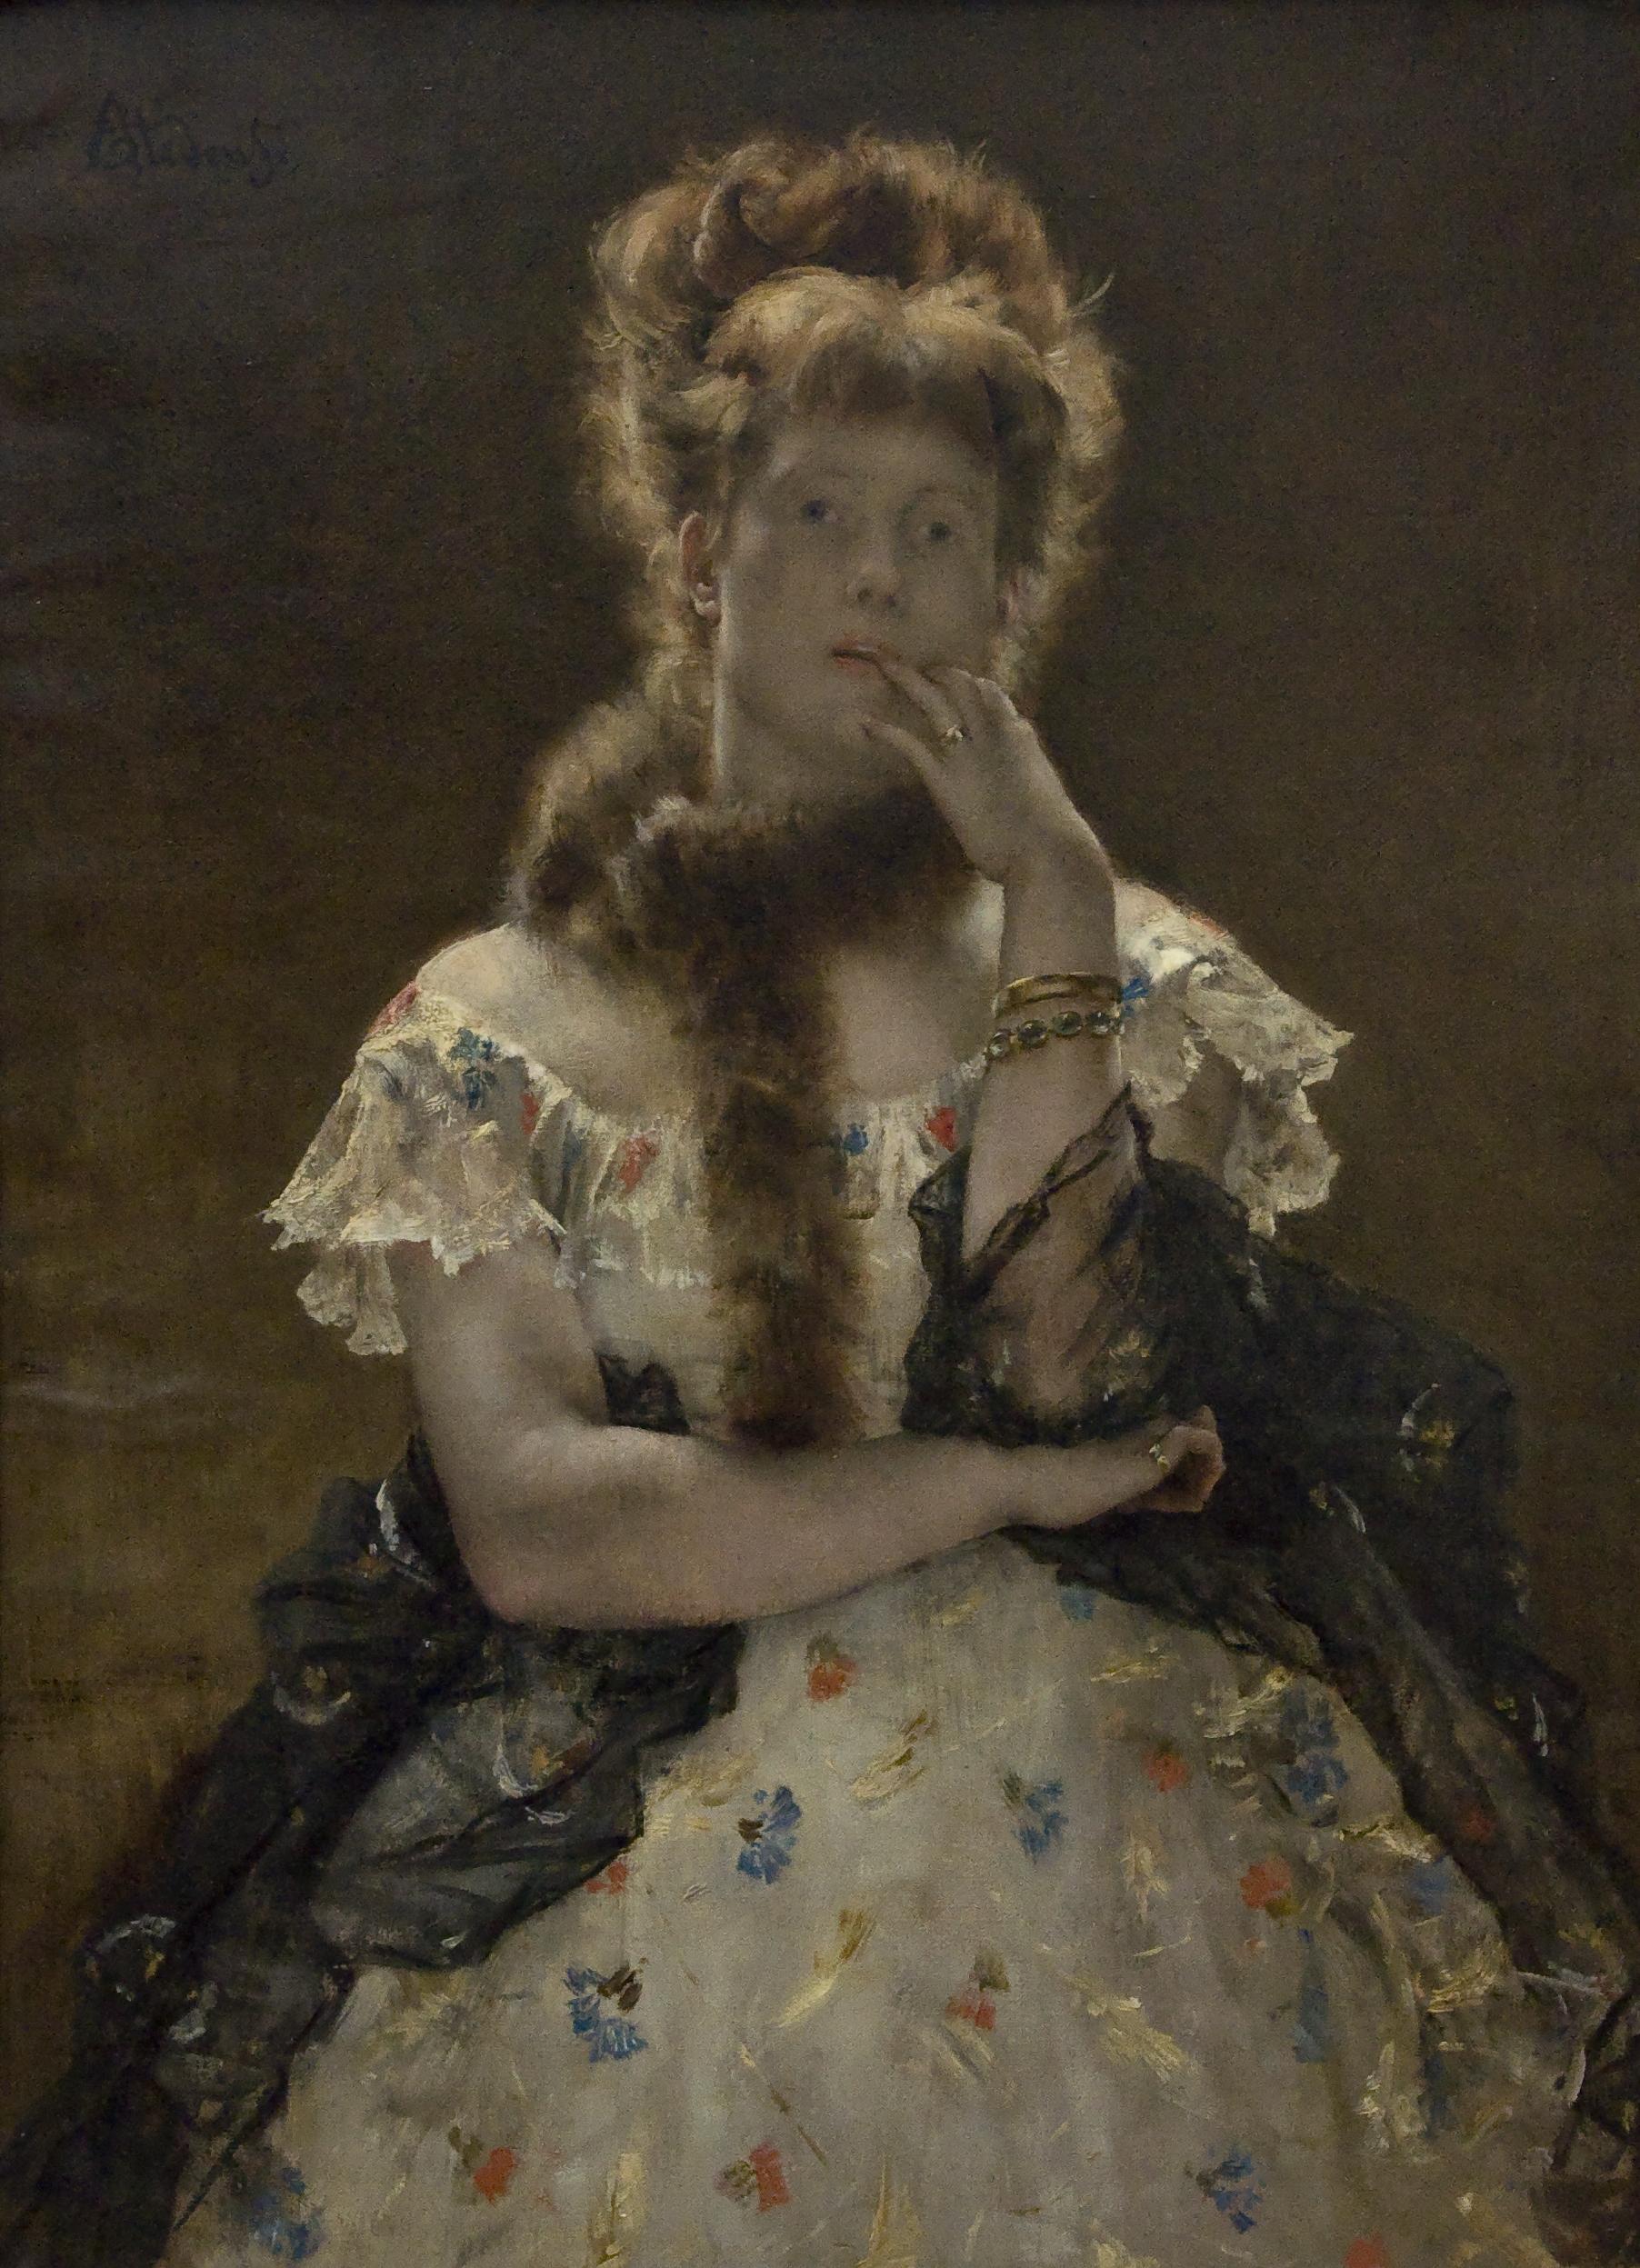 https://uploads6.wikiart.org/images/alfred-stevens/the-paris-sfinks-1867.jpg